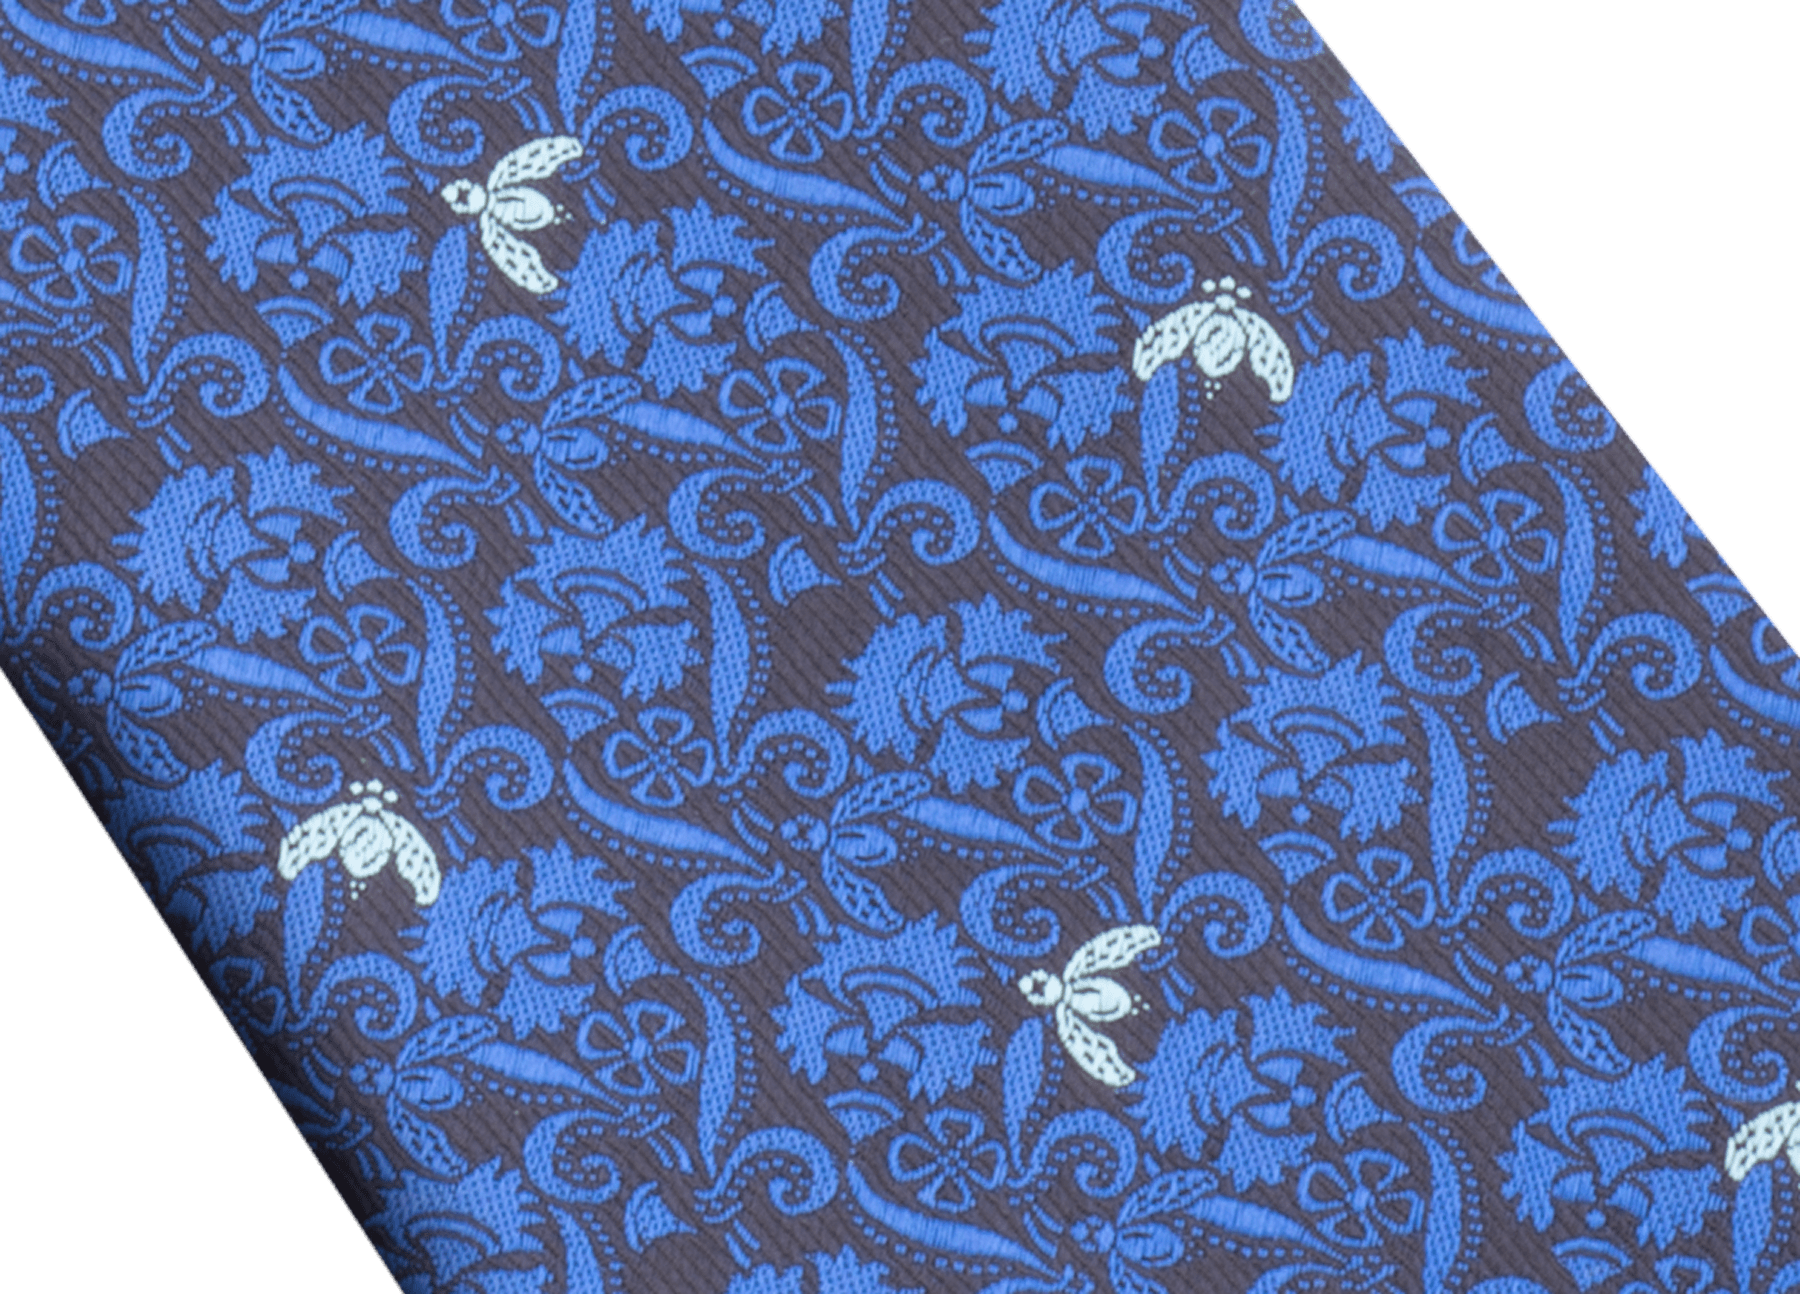 Cravate sept plis Bee Lux bleue en jacquard de soie fine. 244077 image 2